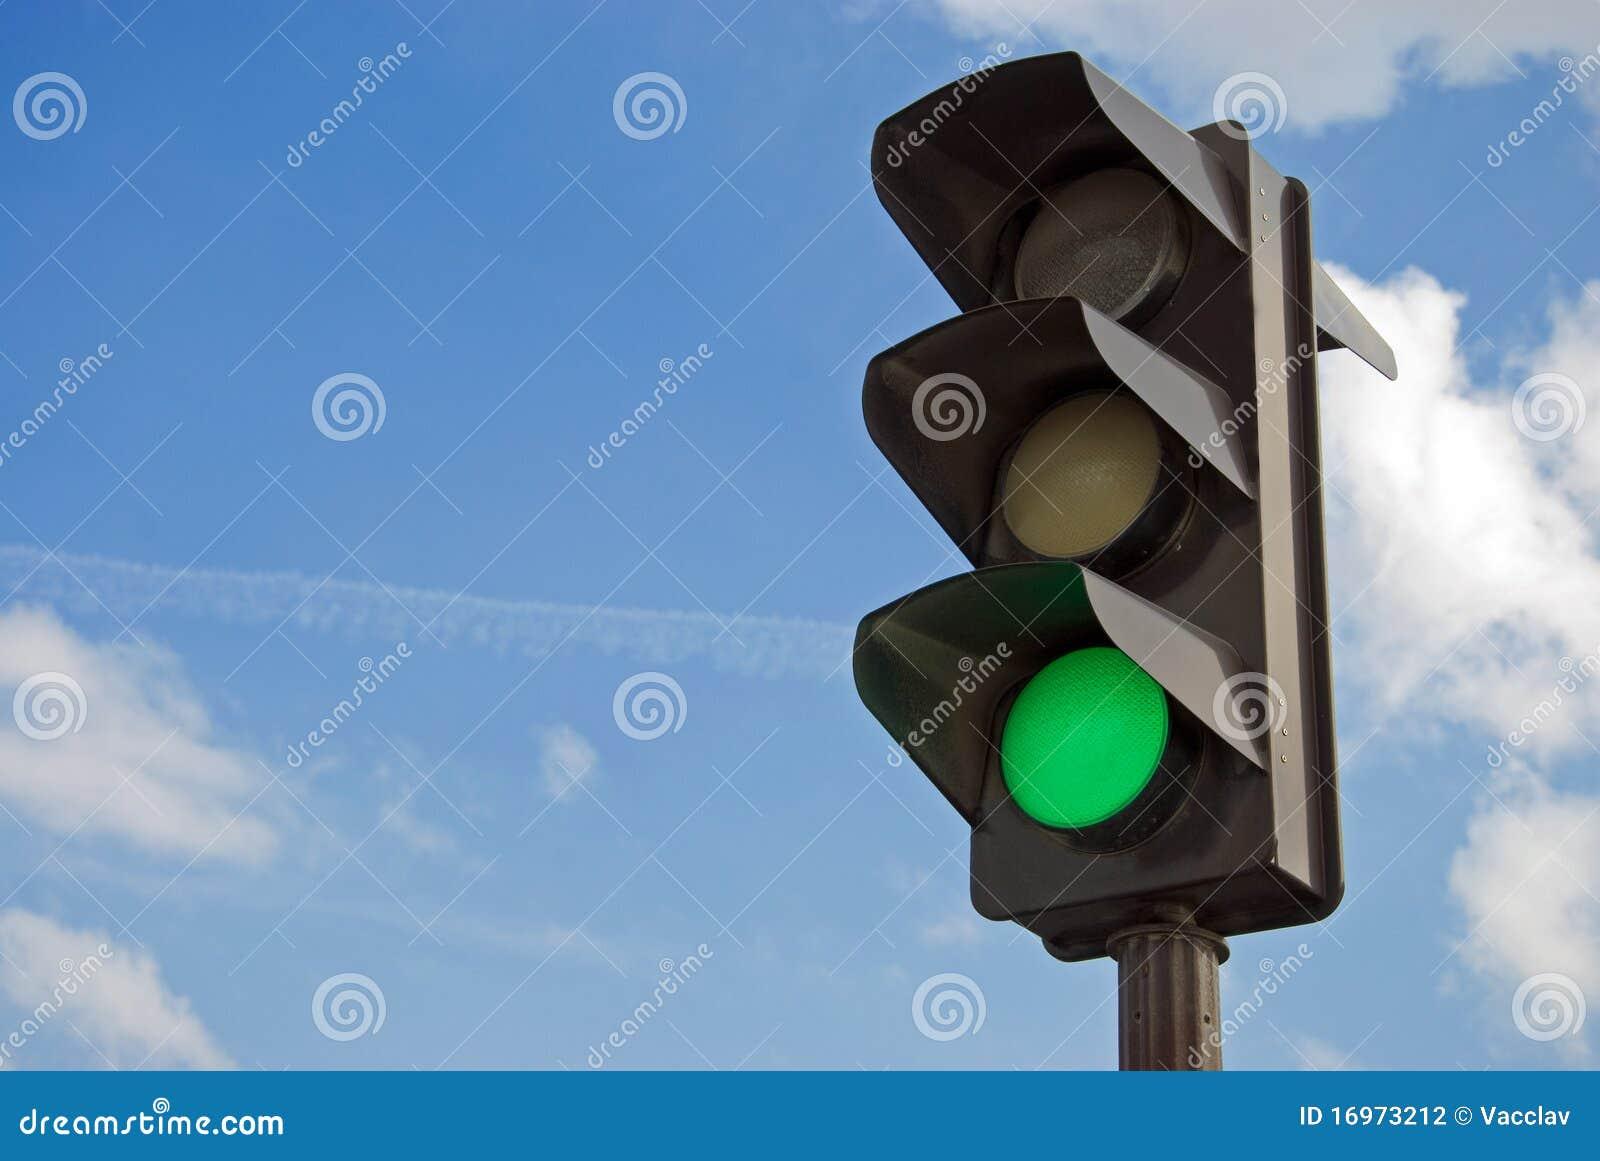 Grüne Farbe auf der Ampel